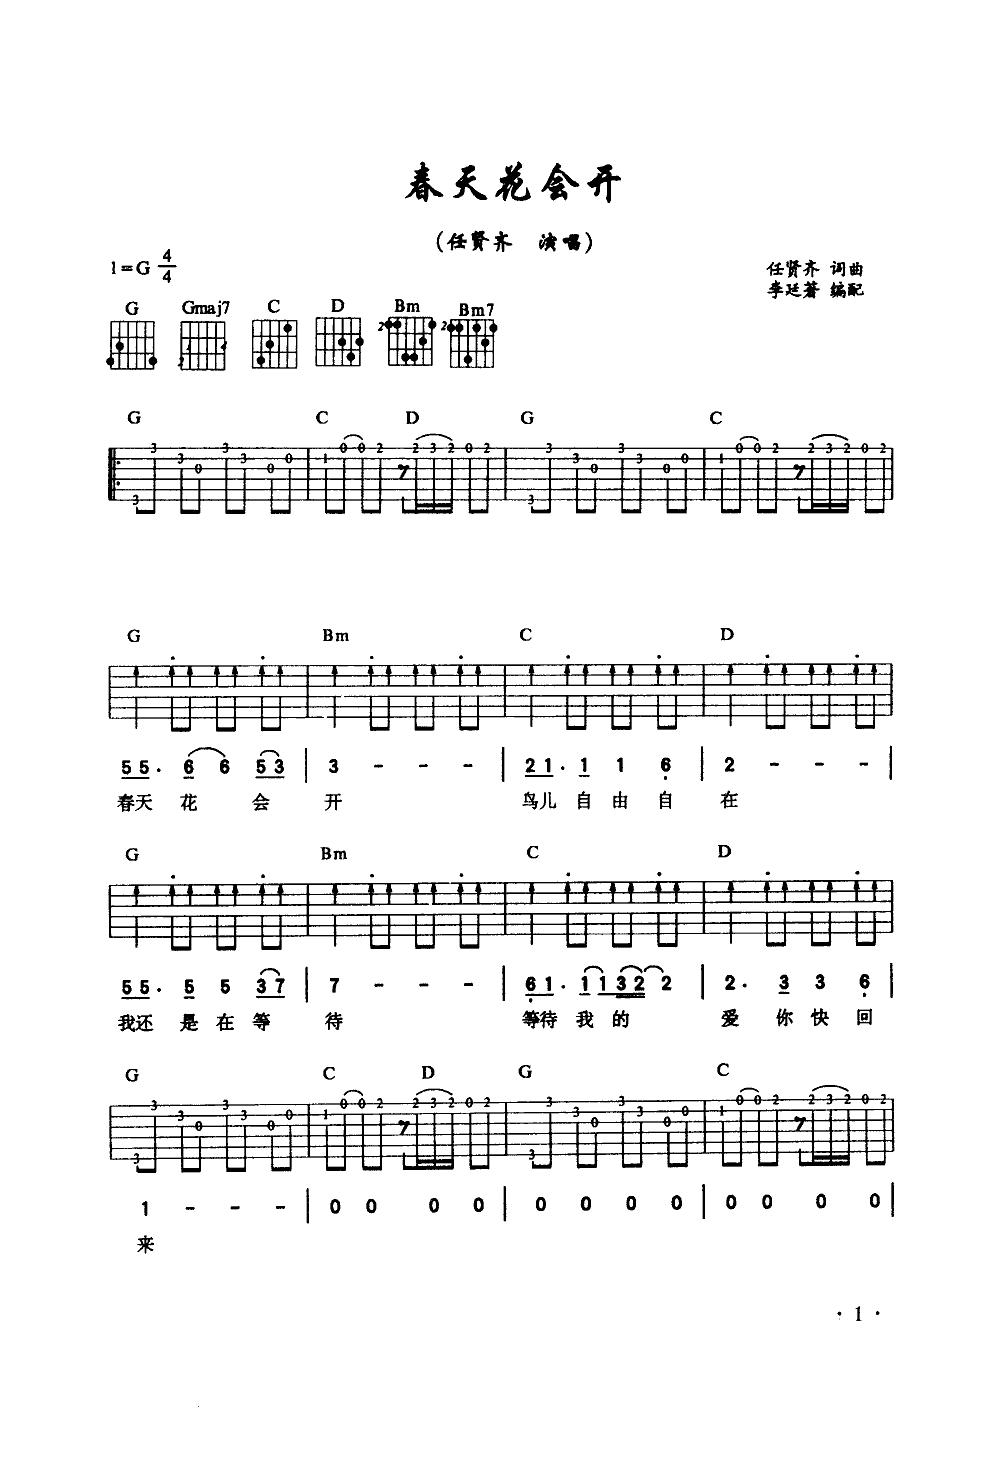 巍(吉他谱)-歌谱乐   虹彩妹妹吉他谱   canon吉他谱( 六线谱)   为